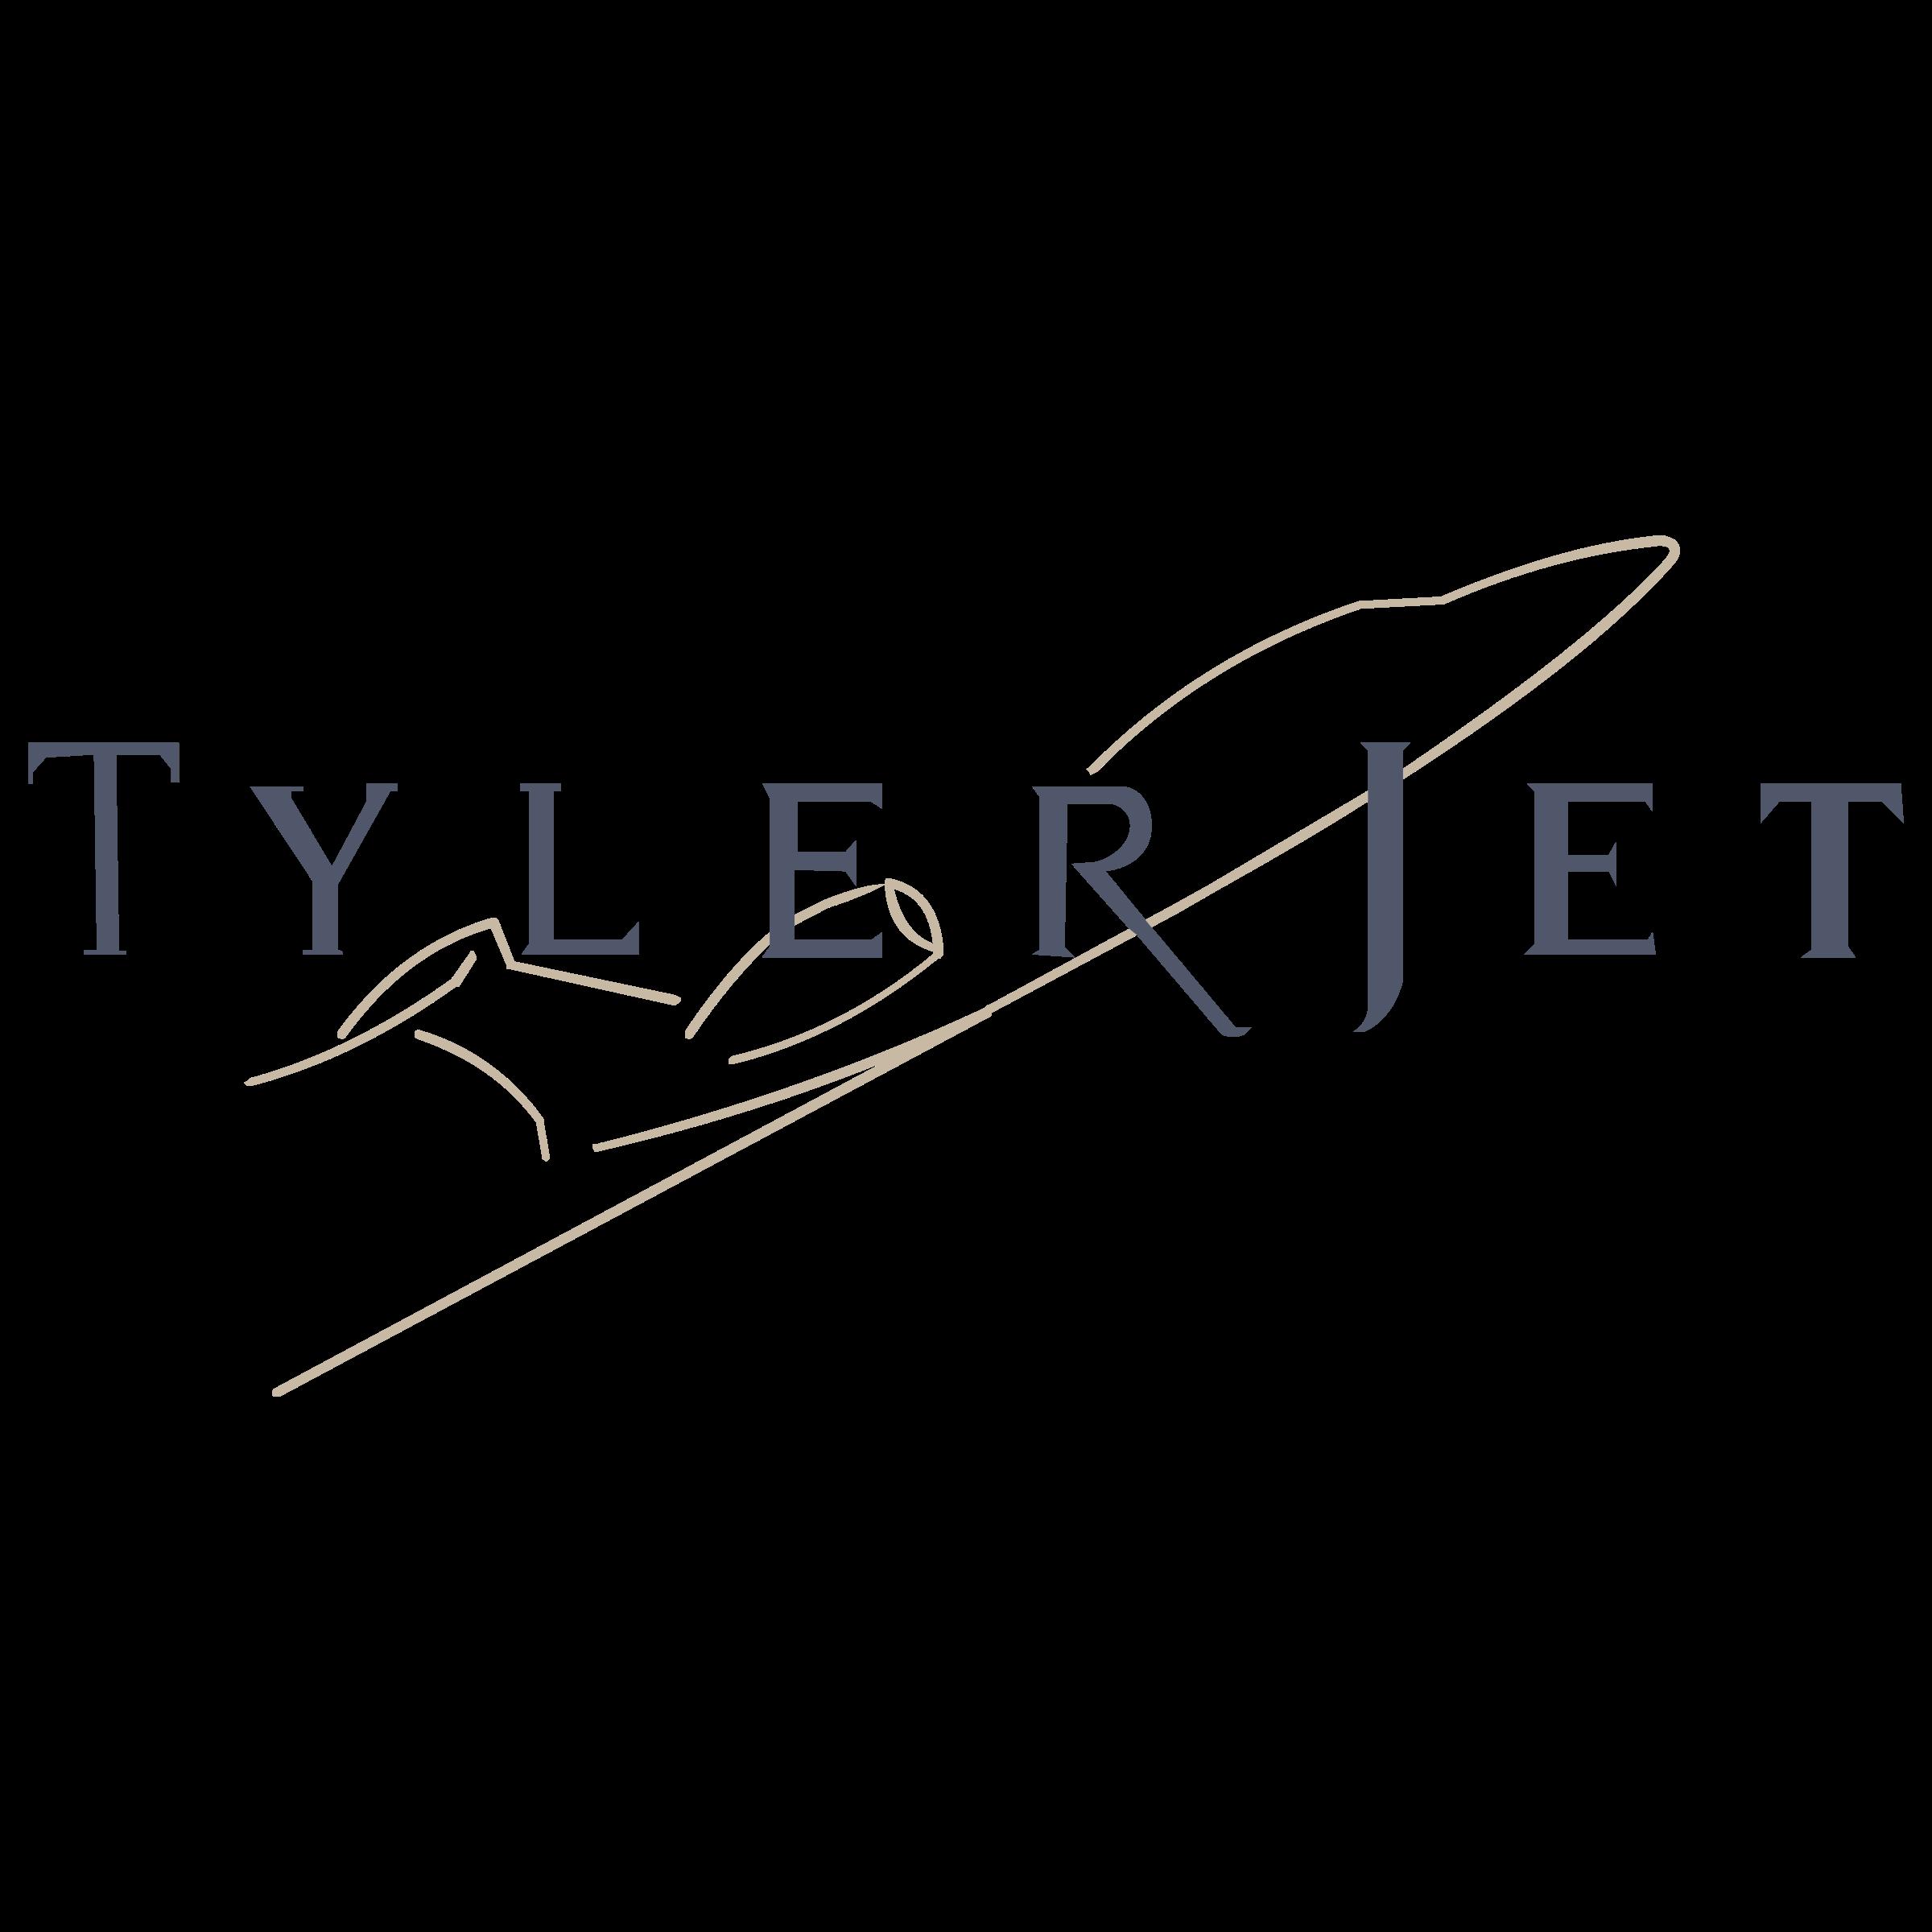 tyler jet logo png transparent svg vector freebie supply